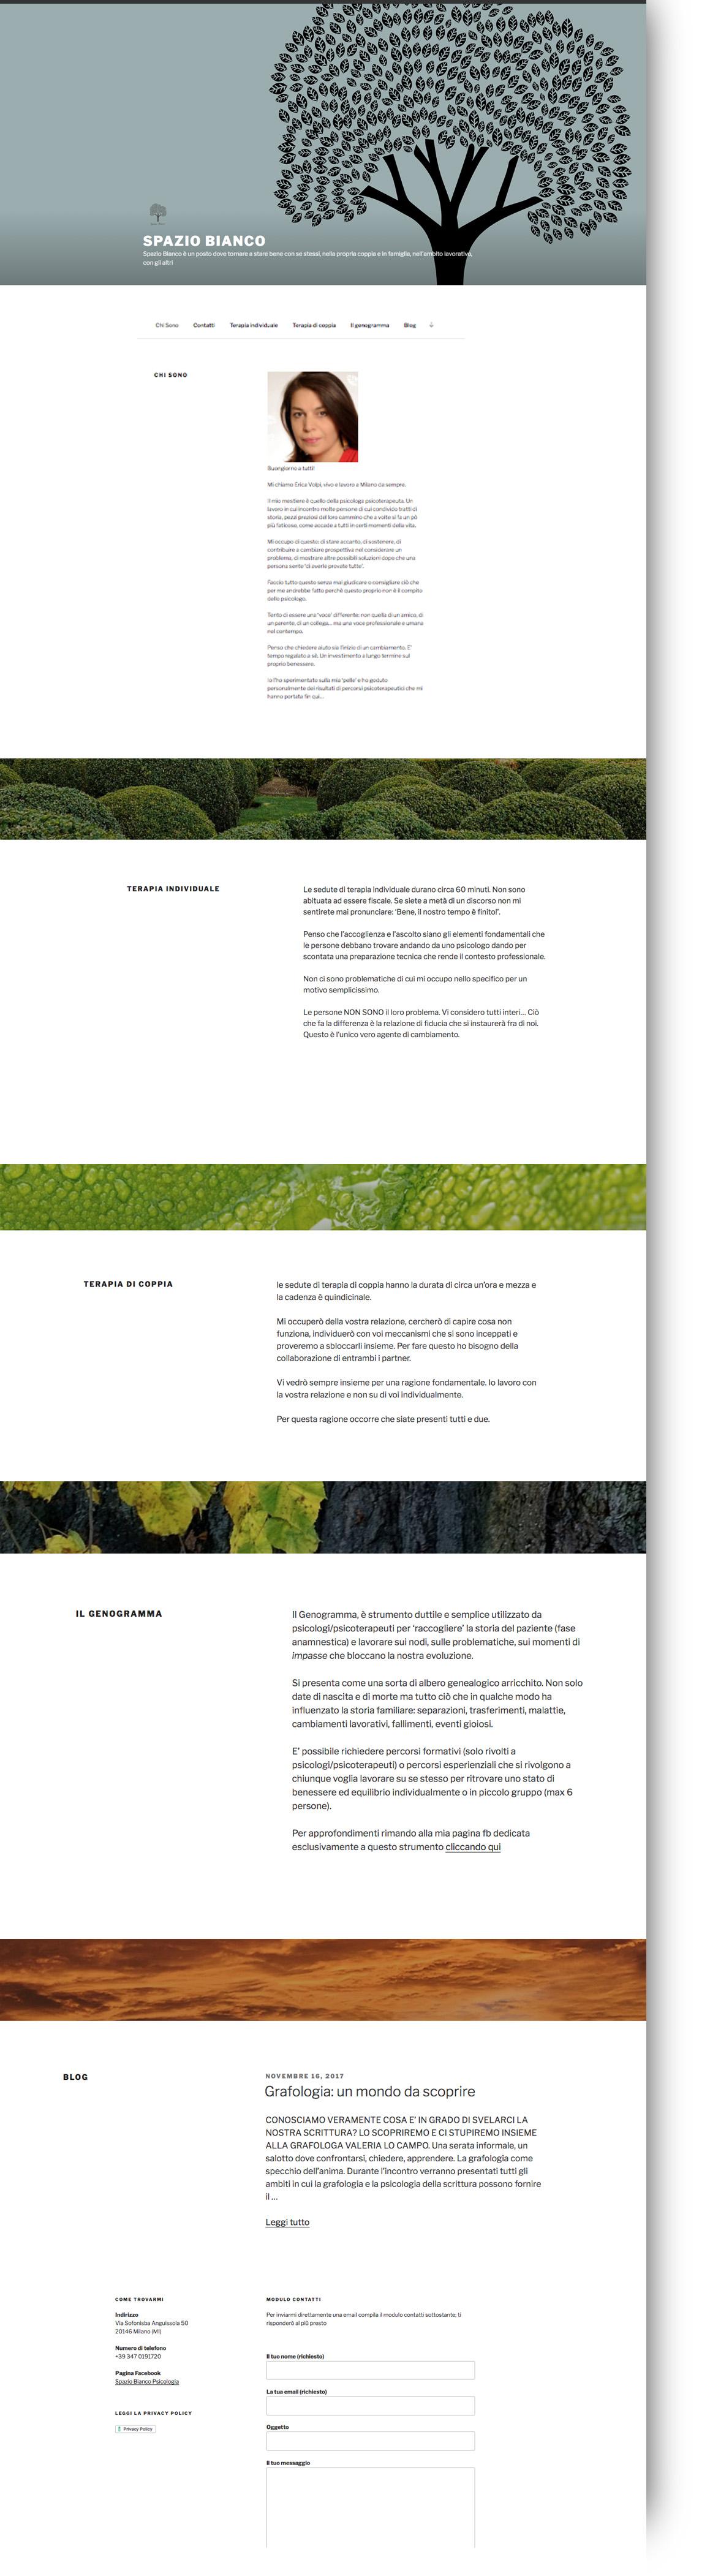 sito web spazio bianco